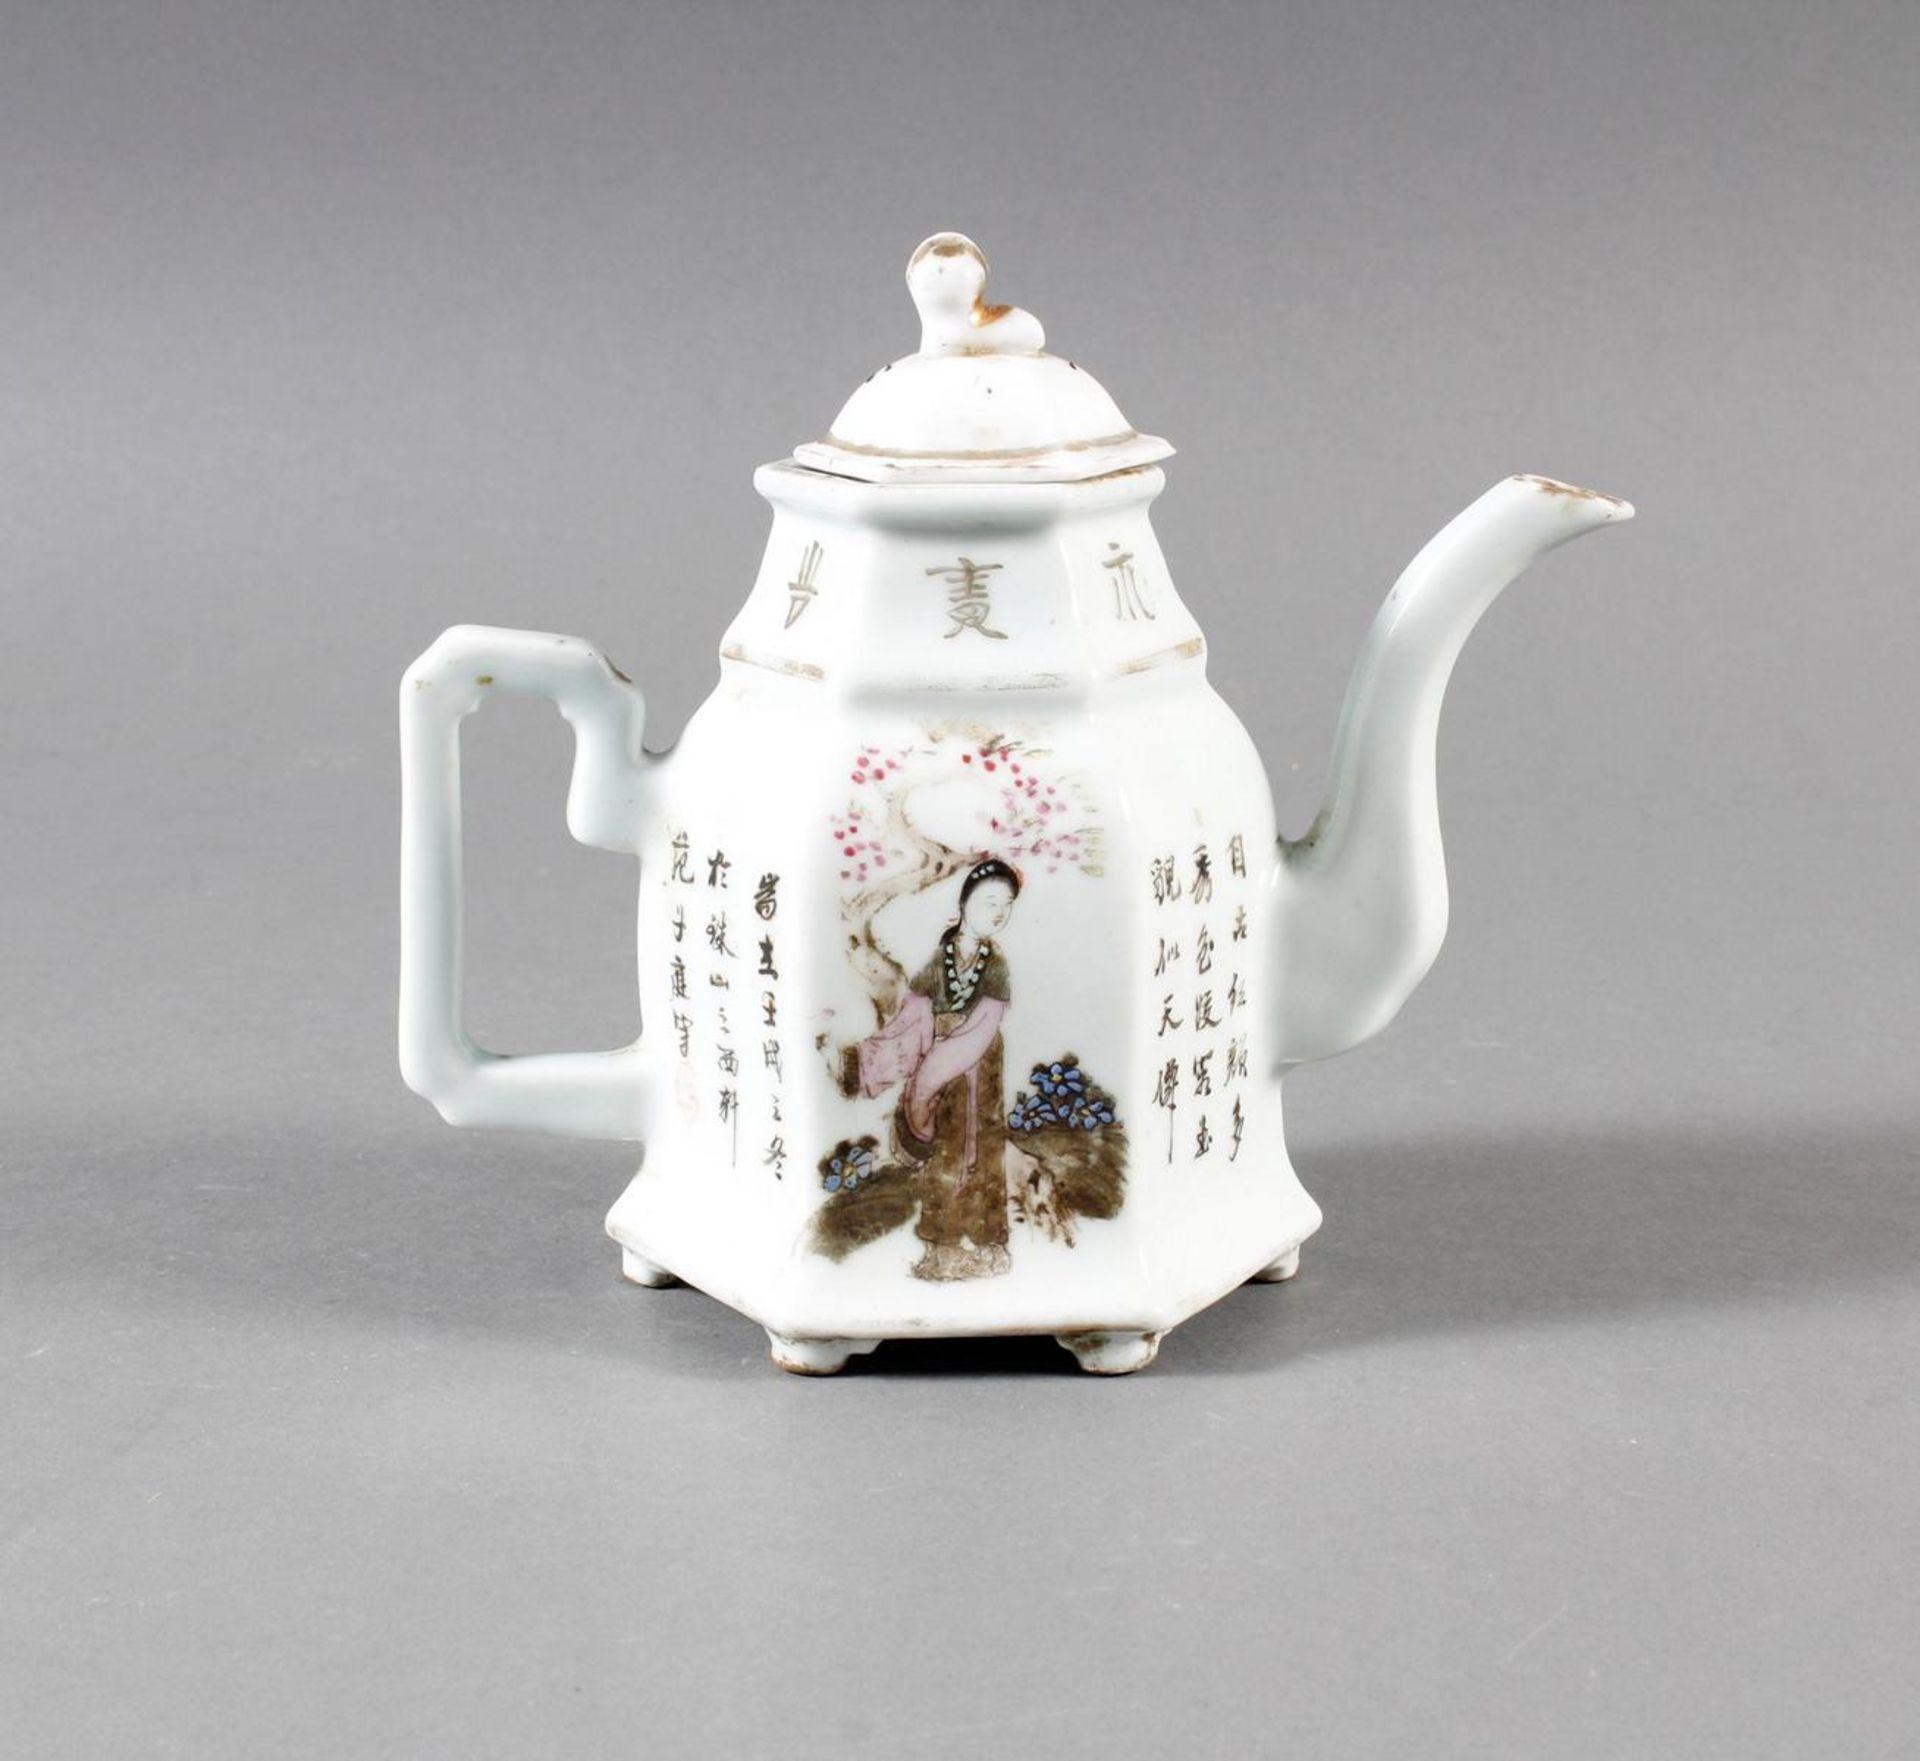 Porzellan Teekann, China, 19. Jahrhundert - Bild 7 aus 15